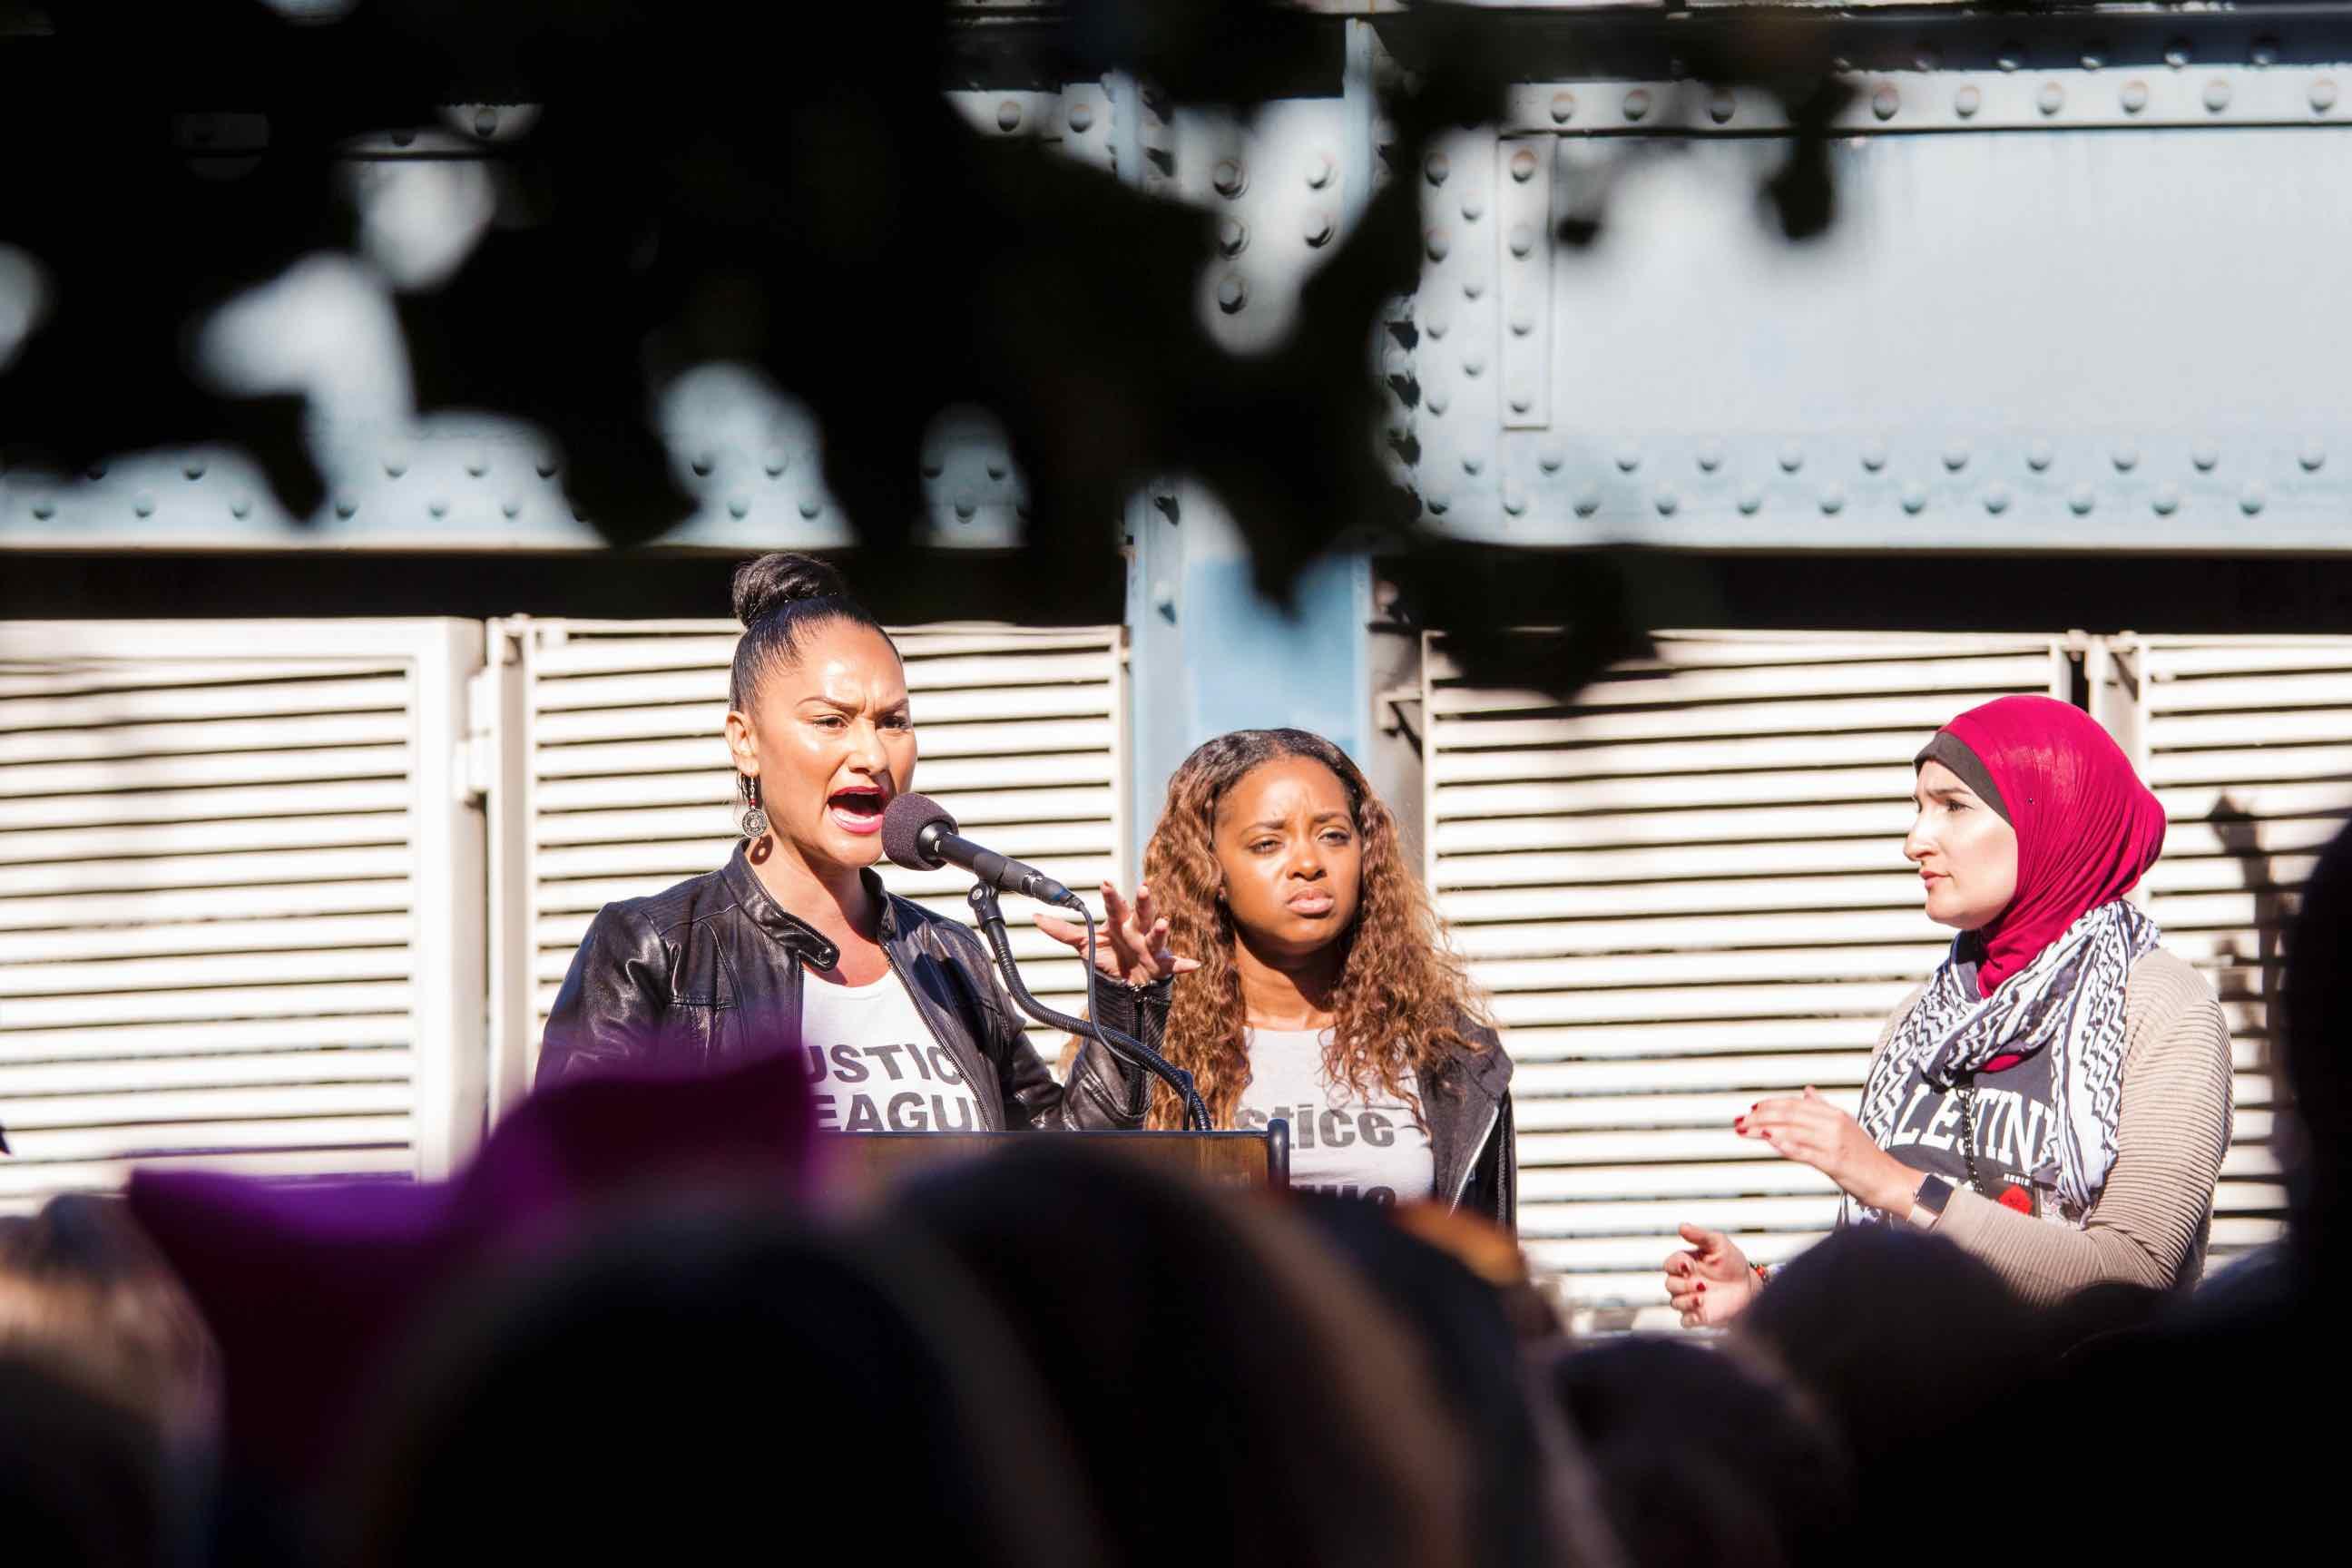 women speaking at a podium